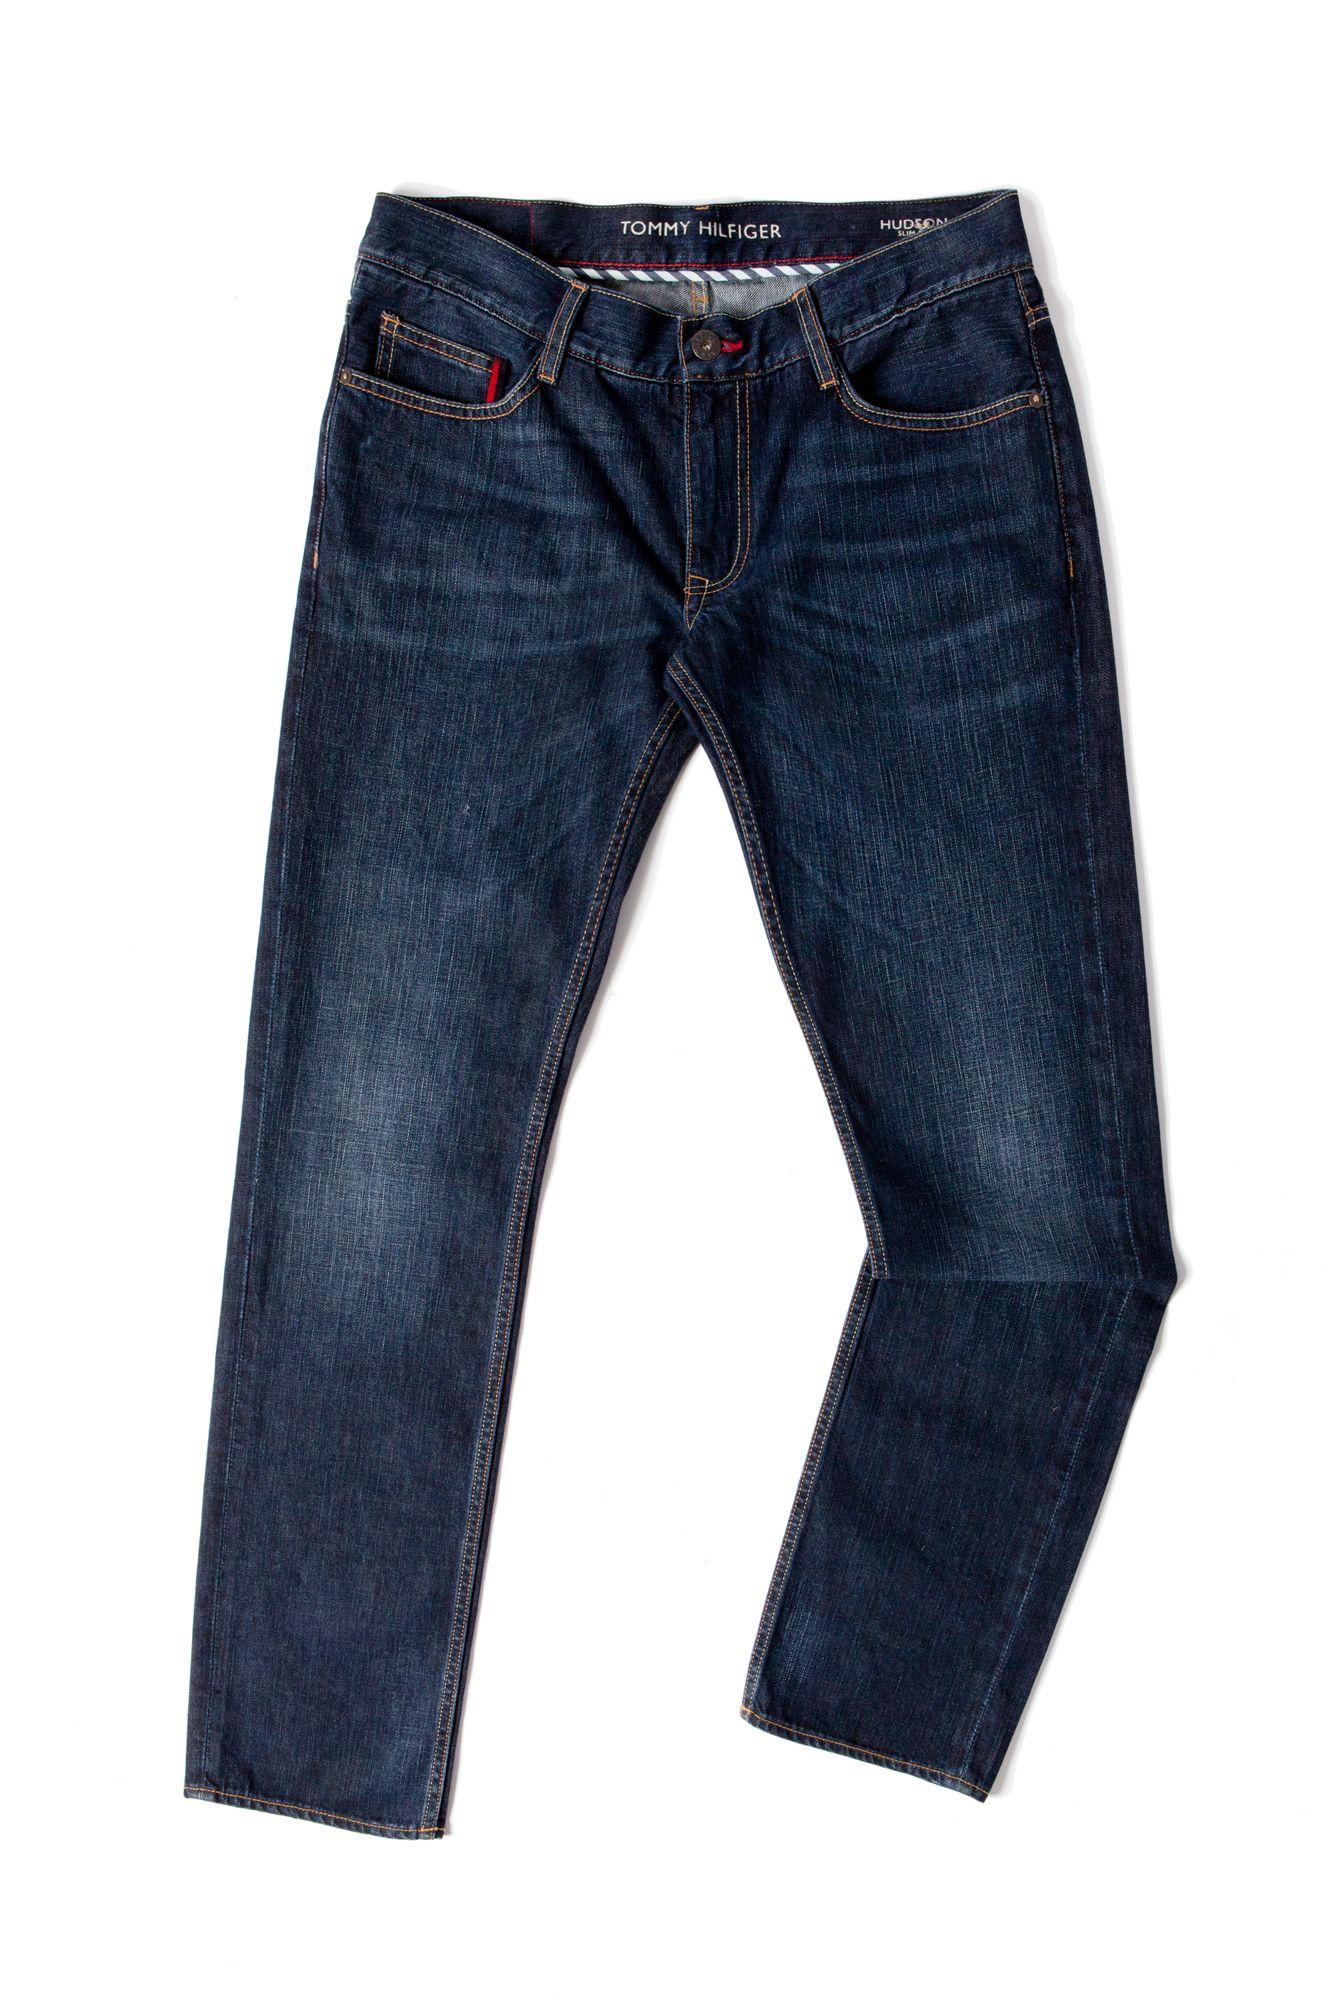 Tommy Hilfiger Hudson Slim Leg Jean in Blue for Men (denim)   Lyst